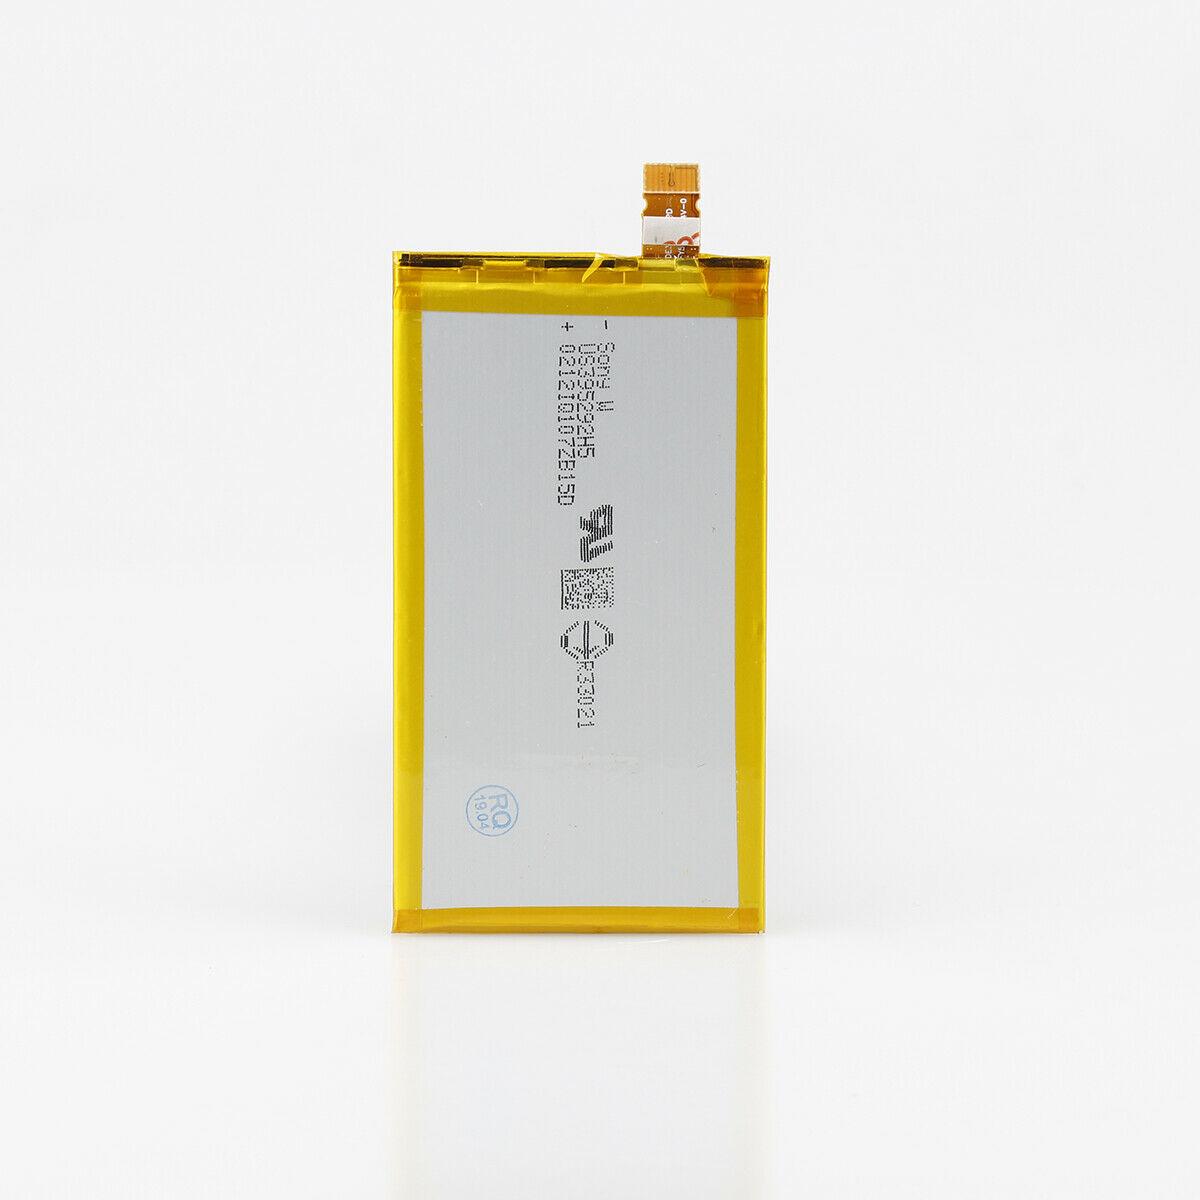 باتری-گوشی-موبایل-سونی-اکسپریا-زد-فایو-کامپکت-Sony-Xperia-Z5-Compact-E5803-2700mAh-LIS1594ERPC...jpg